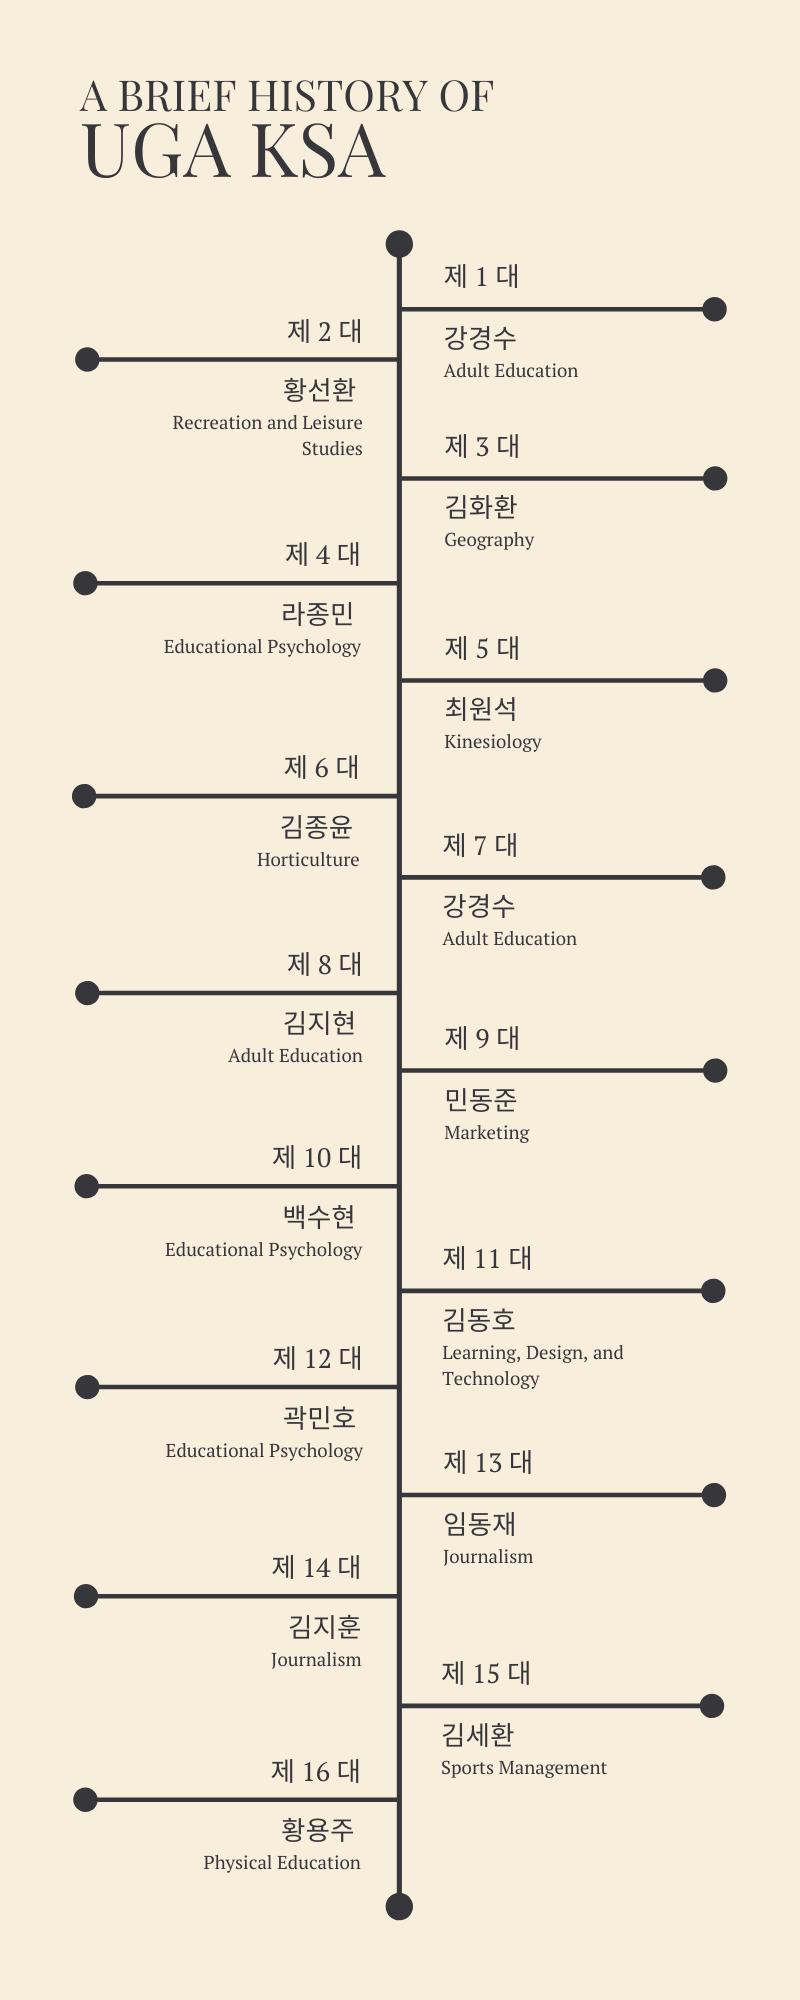 UGA_KSA_Timeline.png